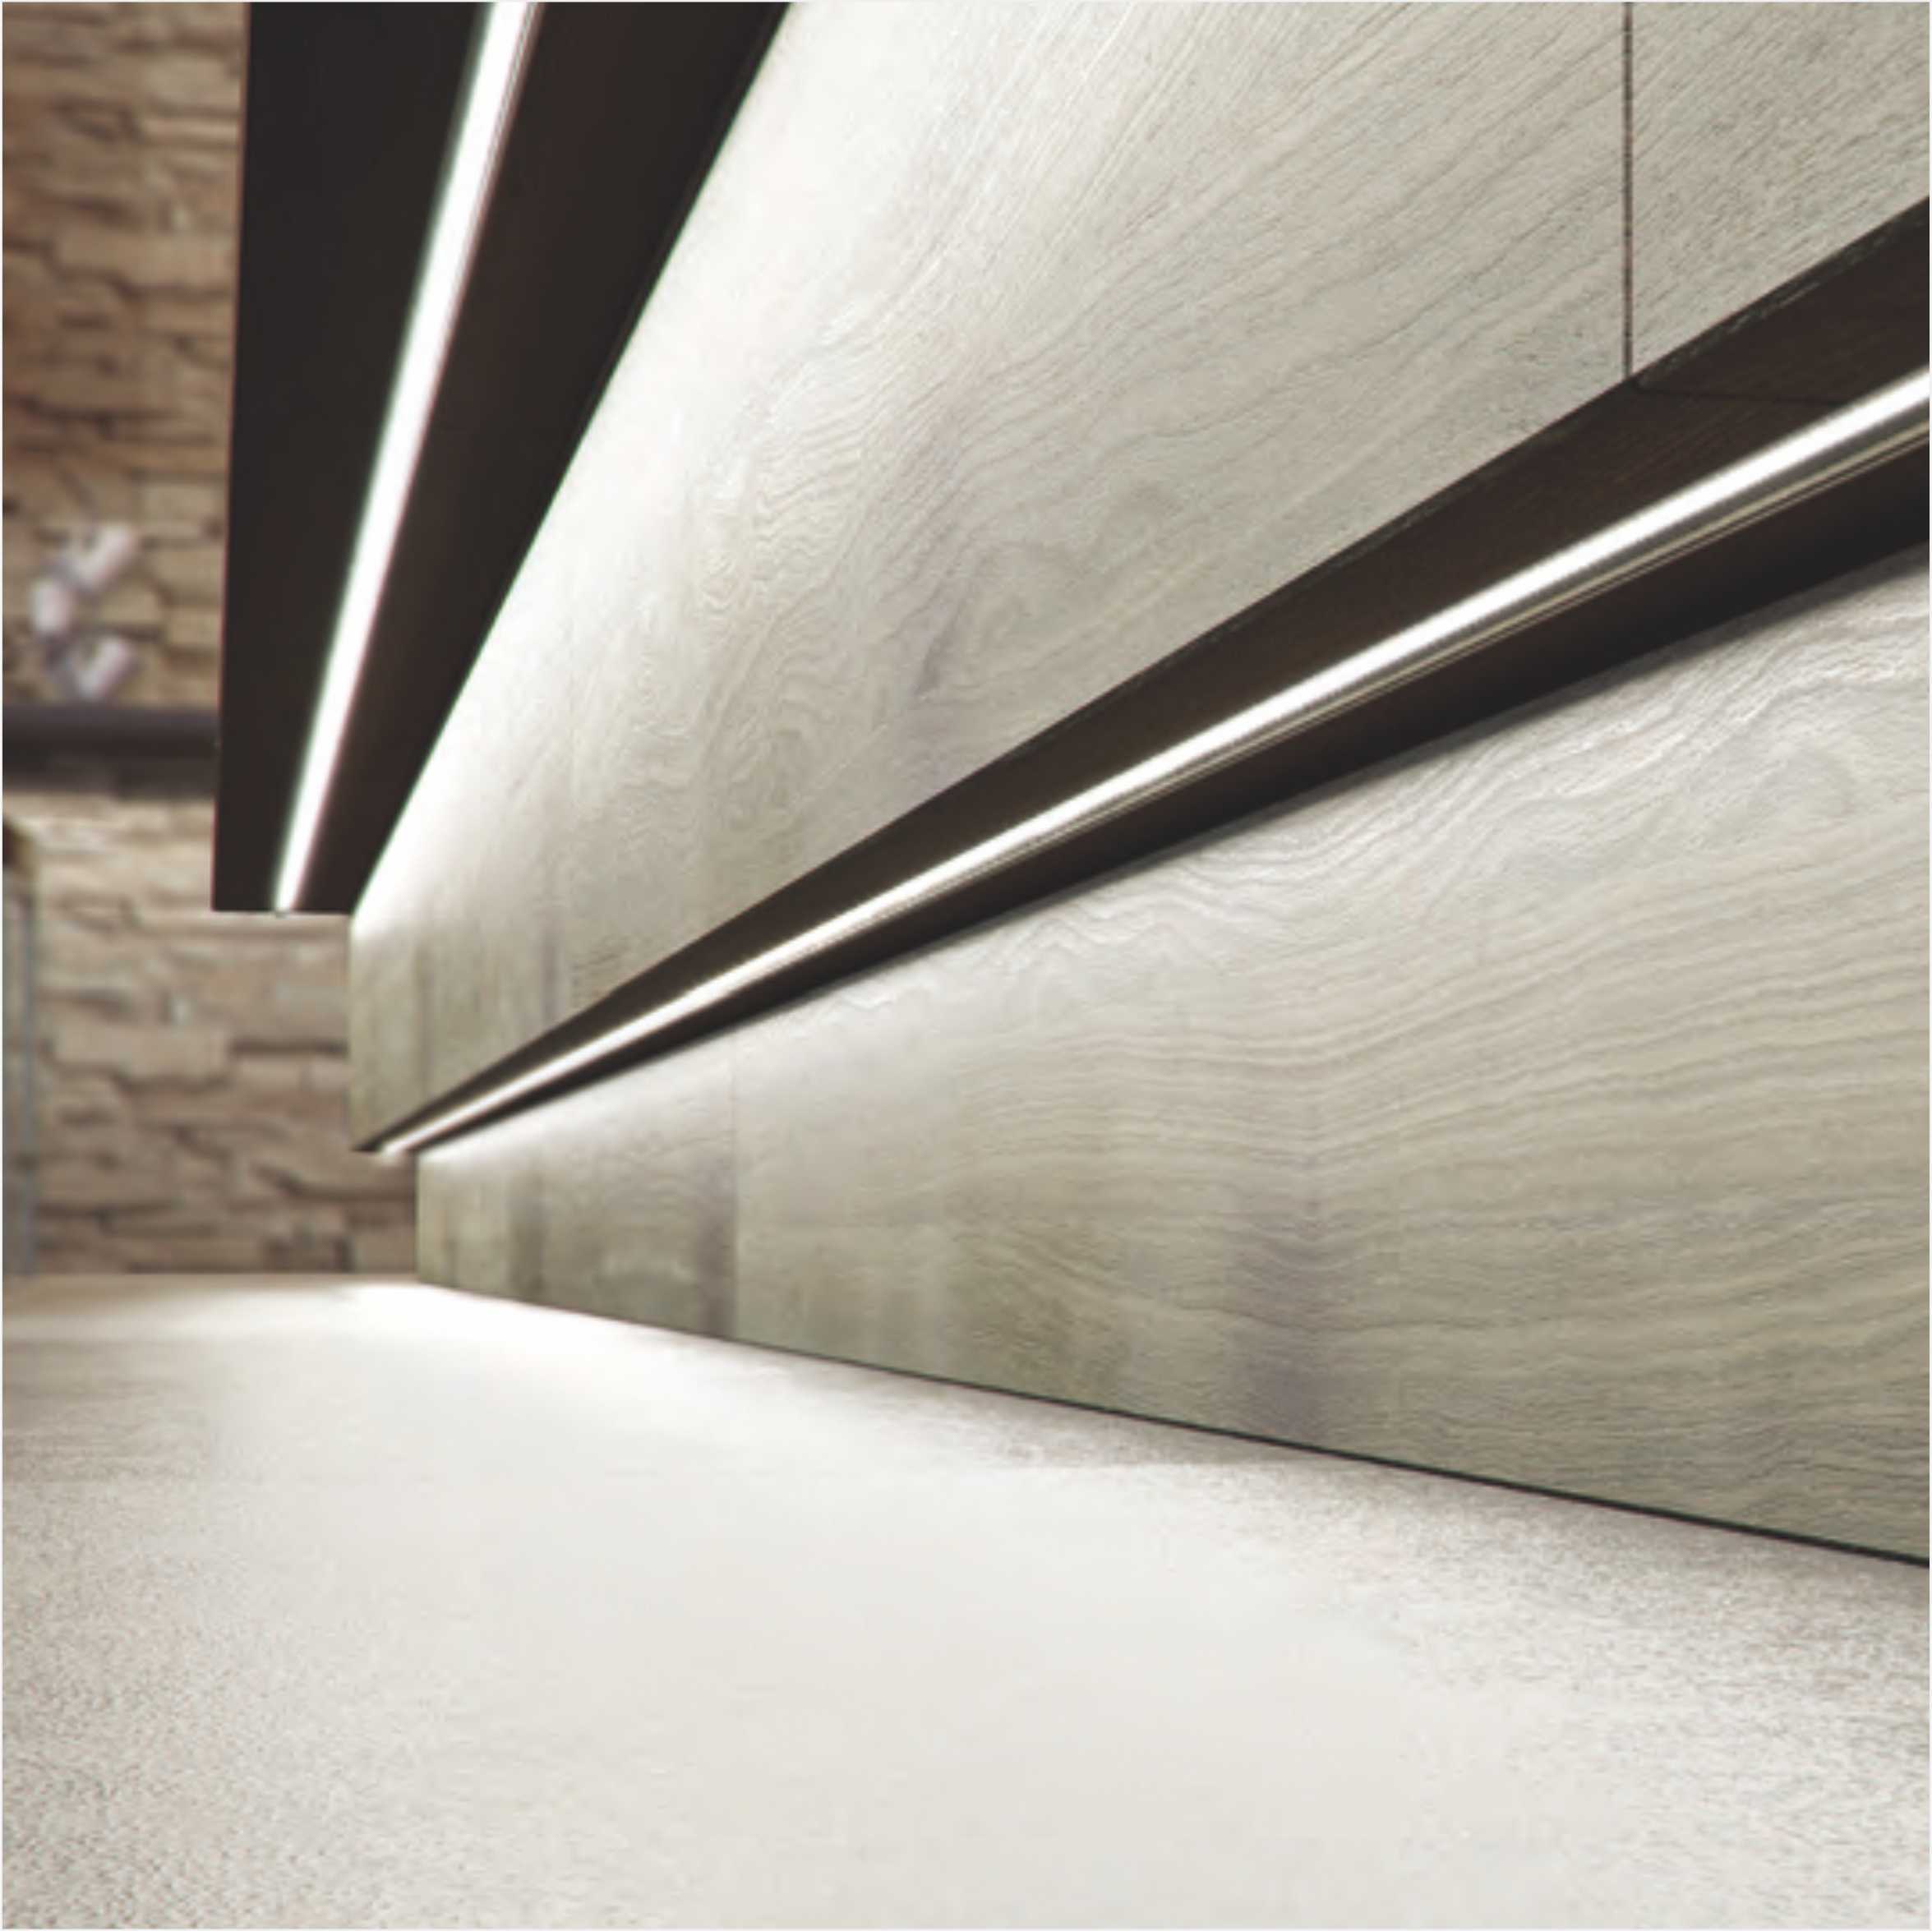 Fashion Acrylic Shade 12V Kitchen LED Cabinet Light 2731